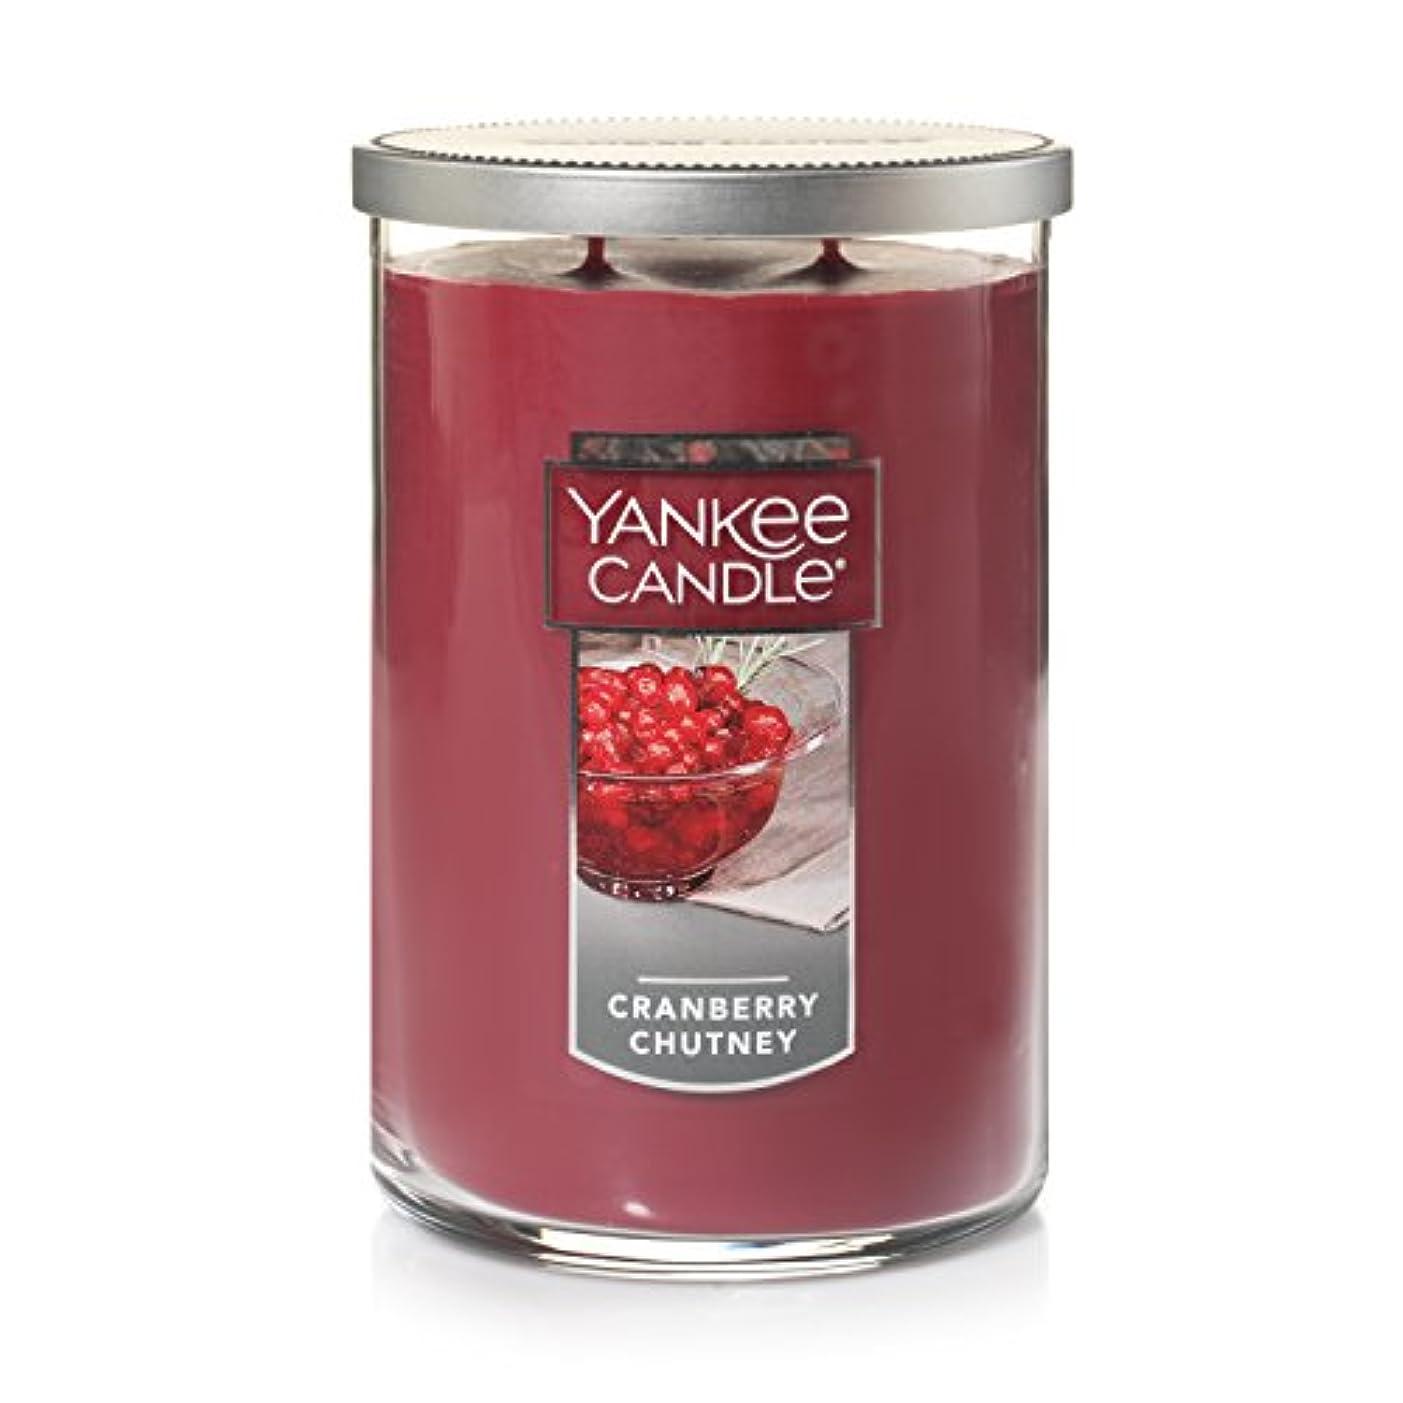 惑星屈辱するスラッシュYankee CandleクランベリーChutney、フルーツ香り Large 2-Wick Tumbler Candle オレンジ 1123208